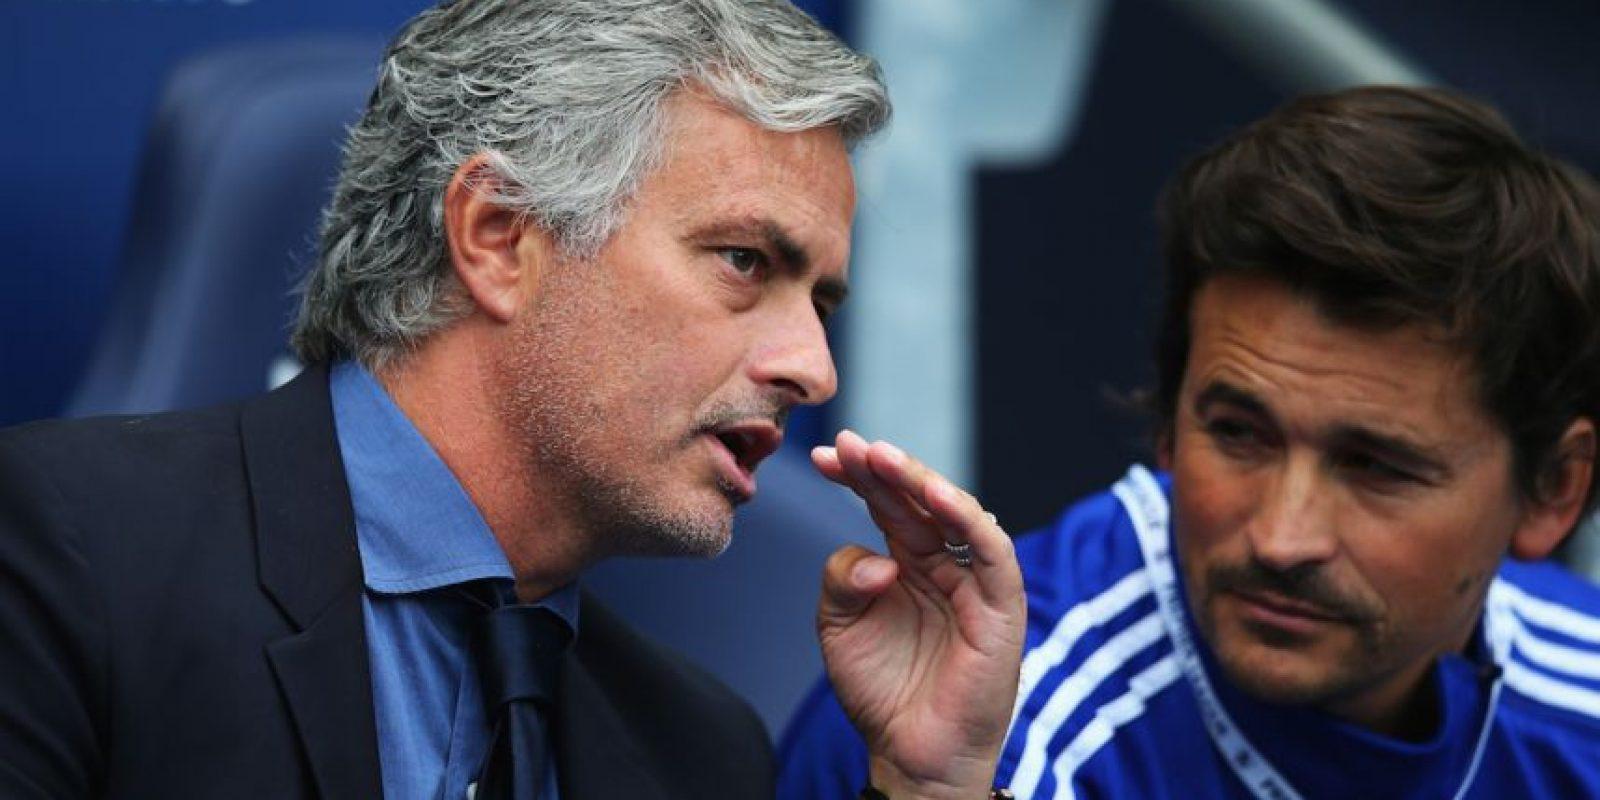 """Y aunque la temporada no ha comenzado bien para los """"Blues"""", están a tiempo de buscar refuerzos. Aquí los fichajes de este verano para Chelsea. Foto:Getty Images"""